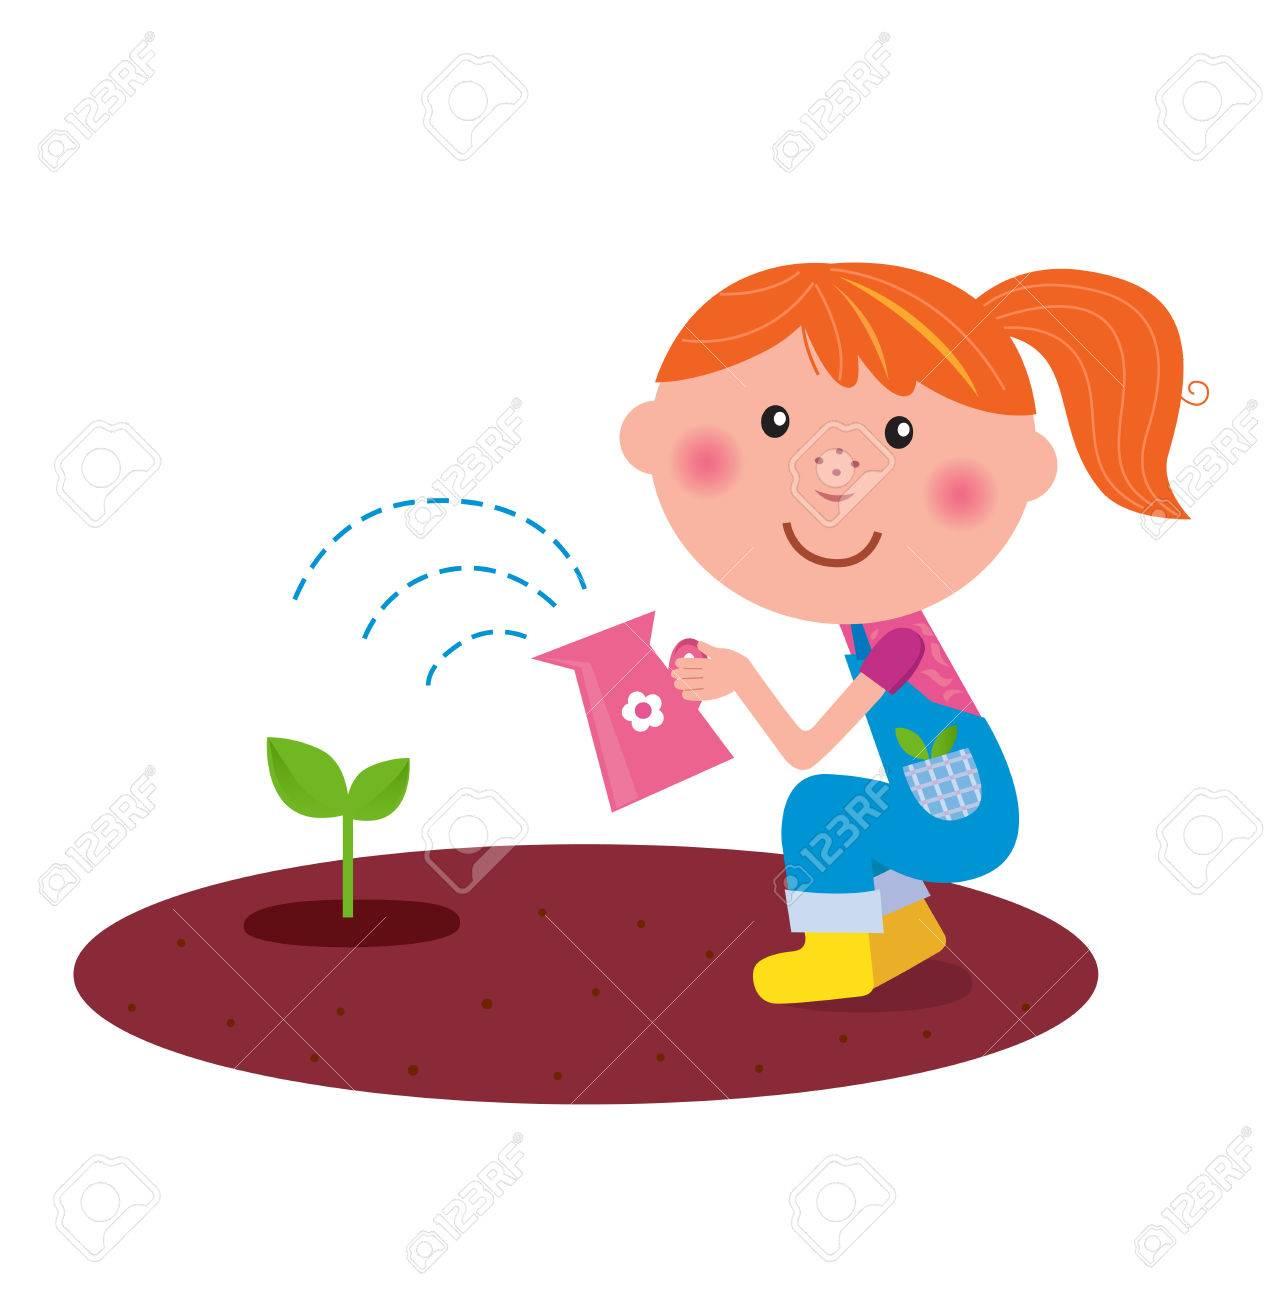 Small gardener girl watering plant in the garden Stock Vector - 8821582